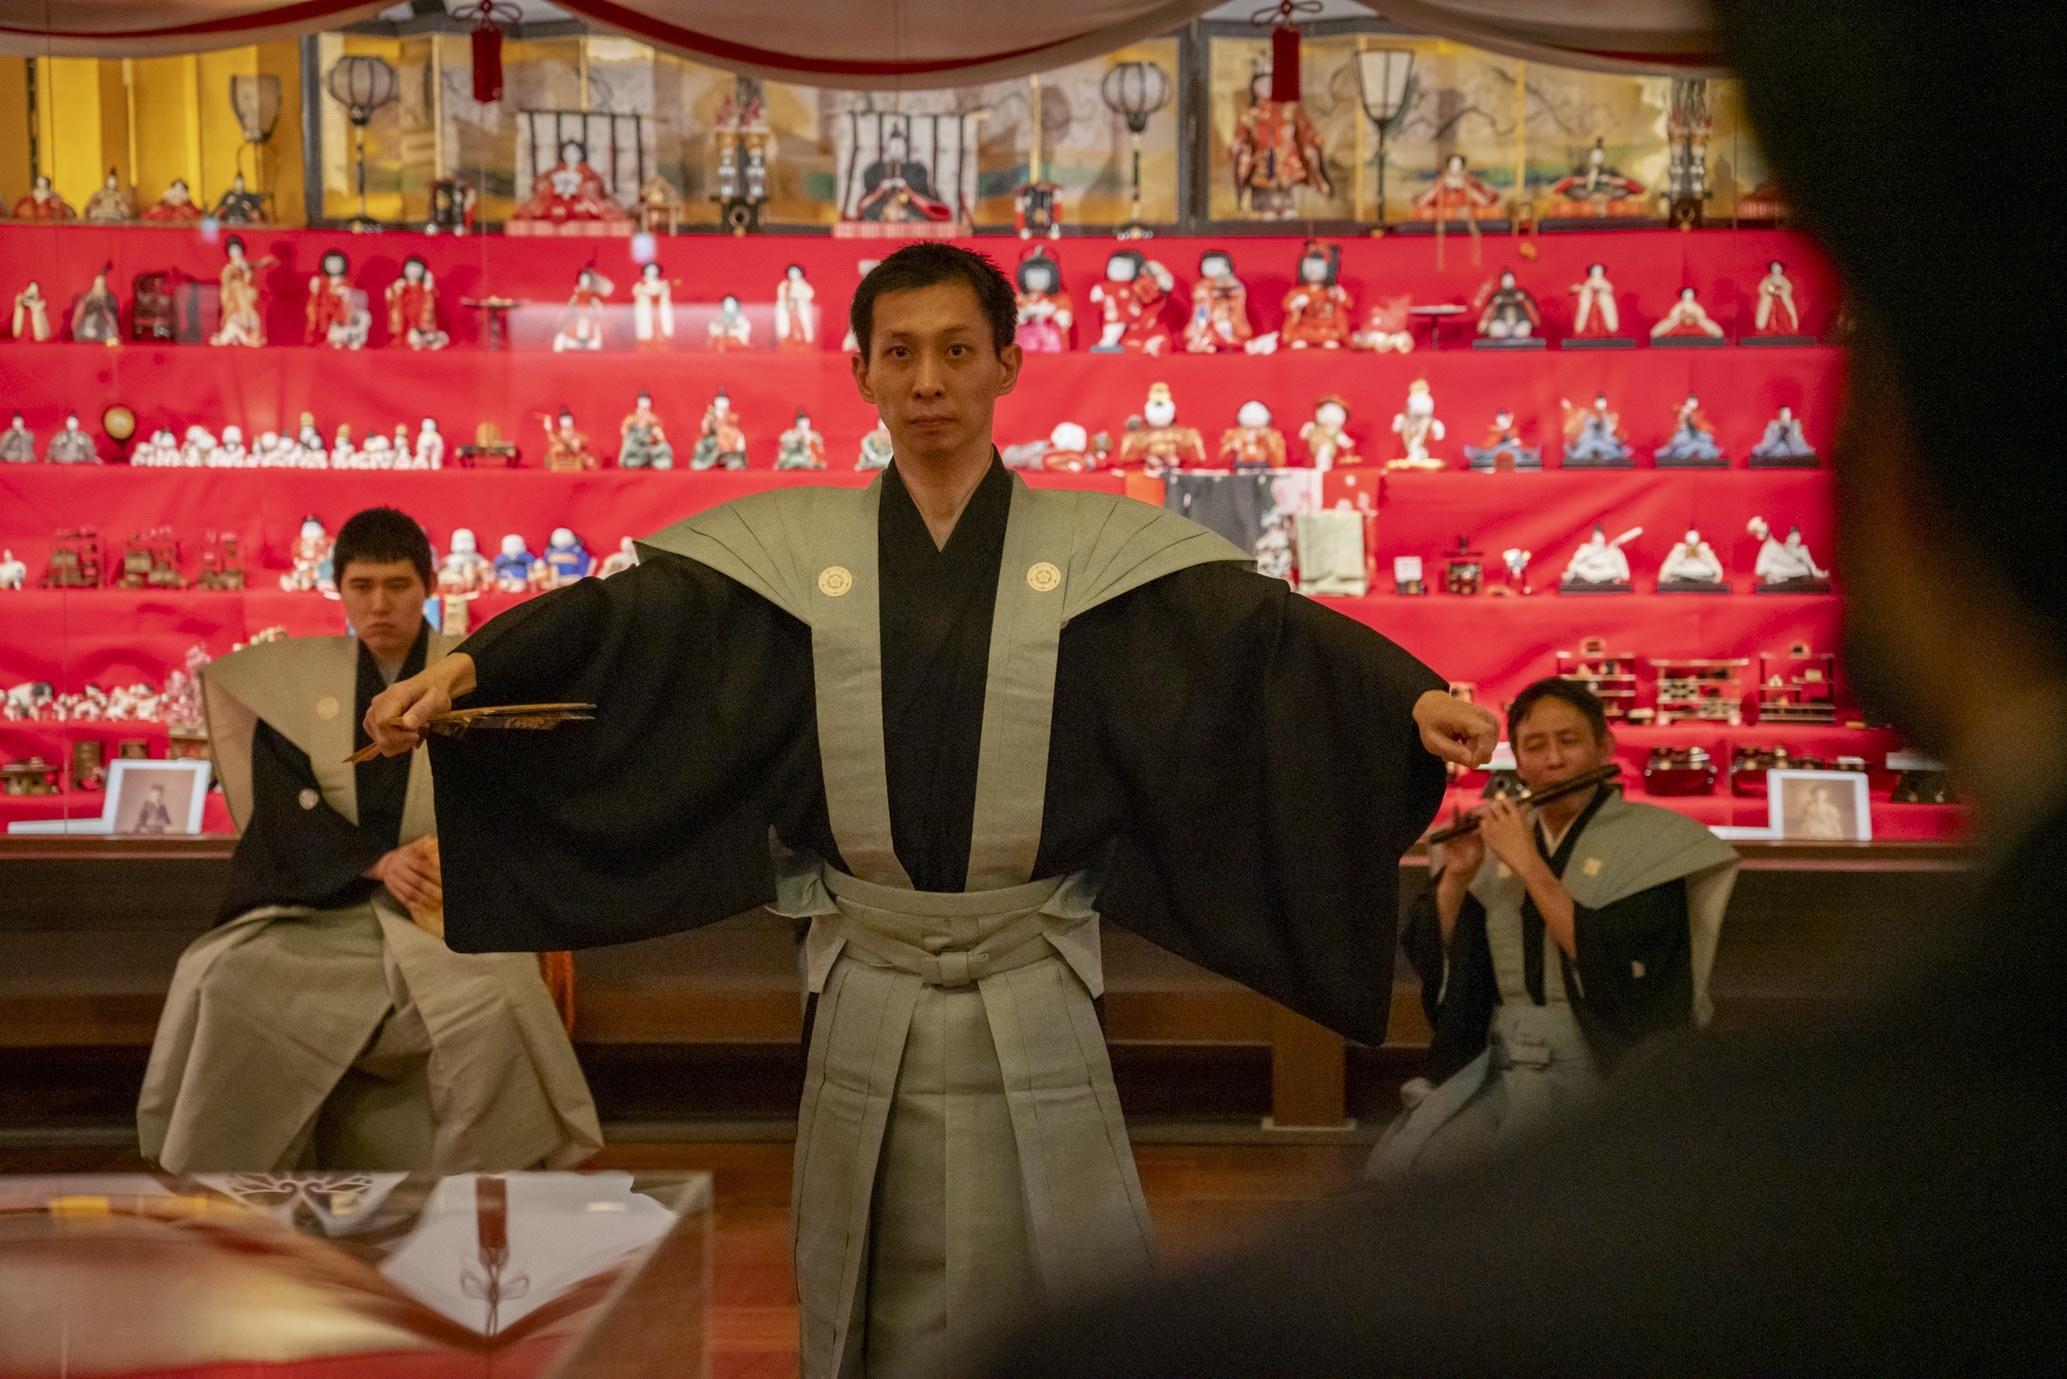 展示室内で特別に披露された本物の五人囃子と仕舞。撮影/秋田大輔